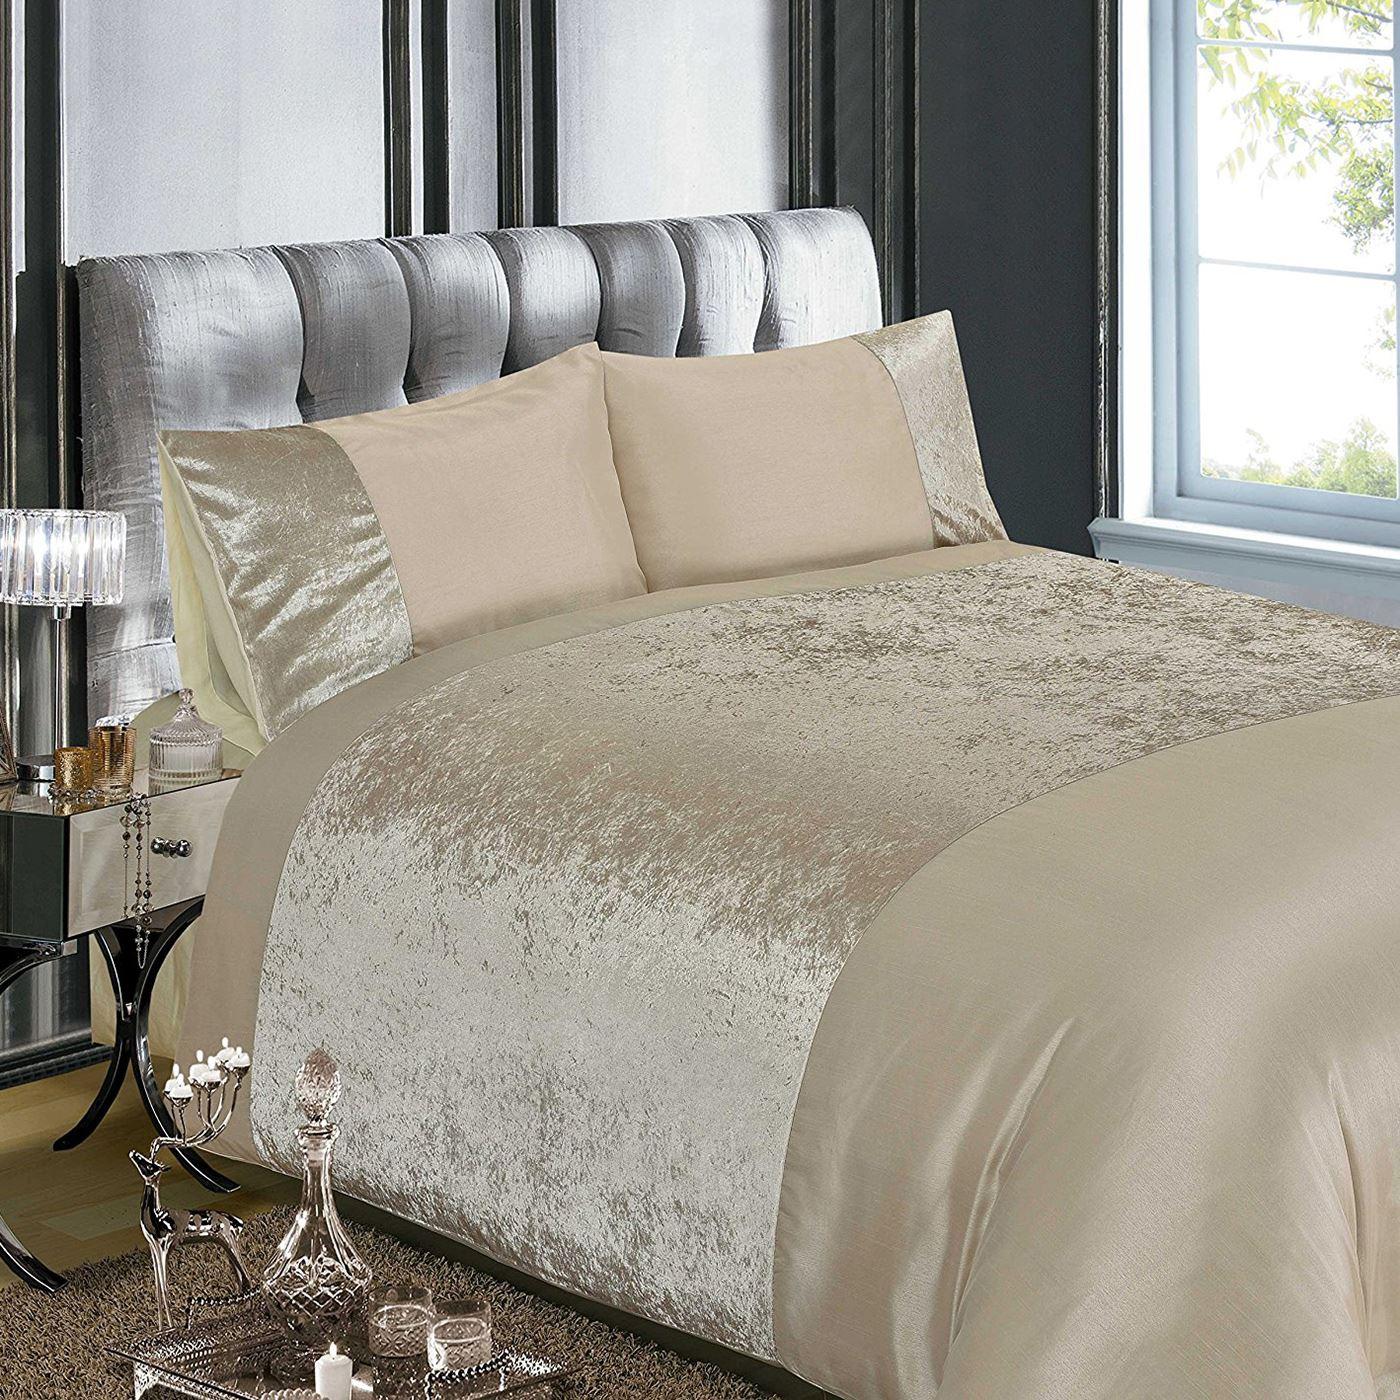 crushed velvet duvet cover set bedding silver natural. Black Bedroom Furniture Sets. Home Design Ideas